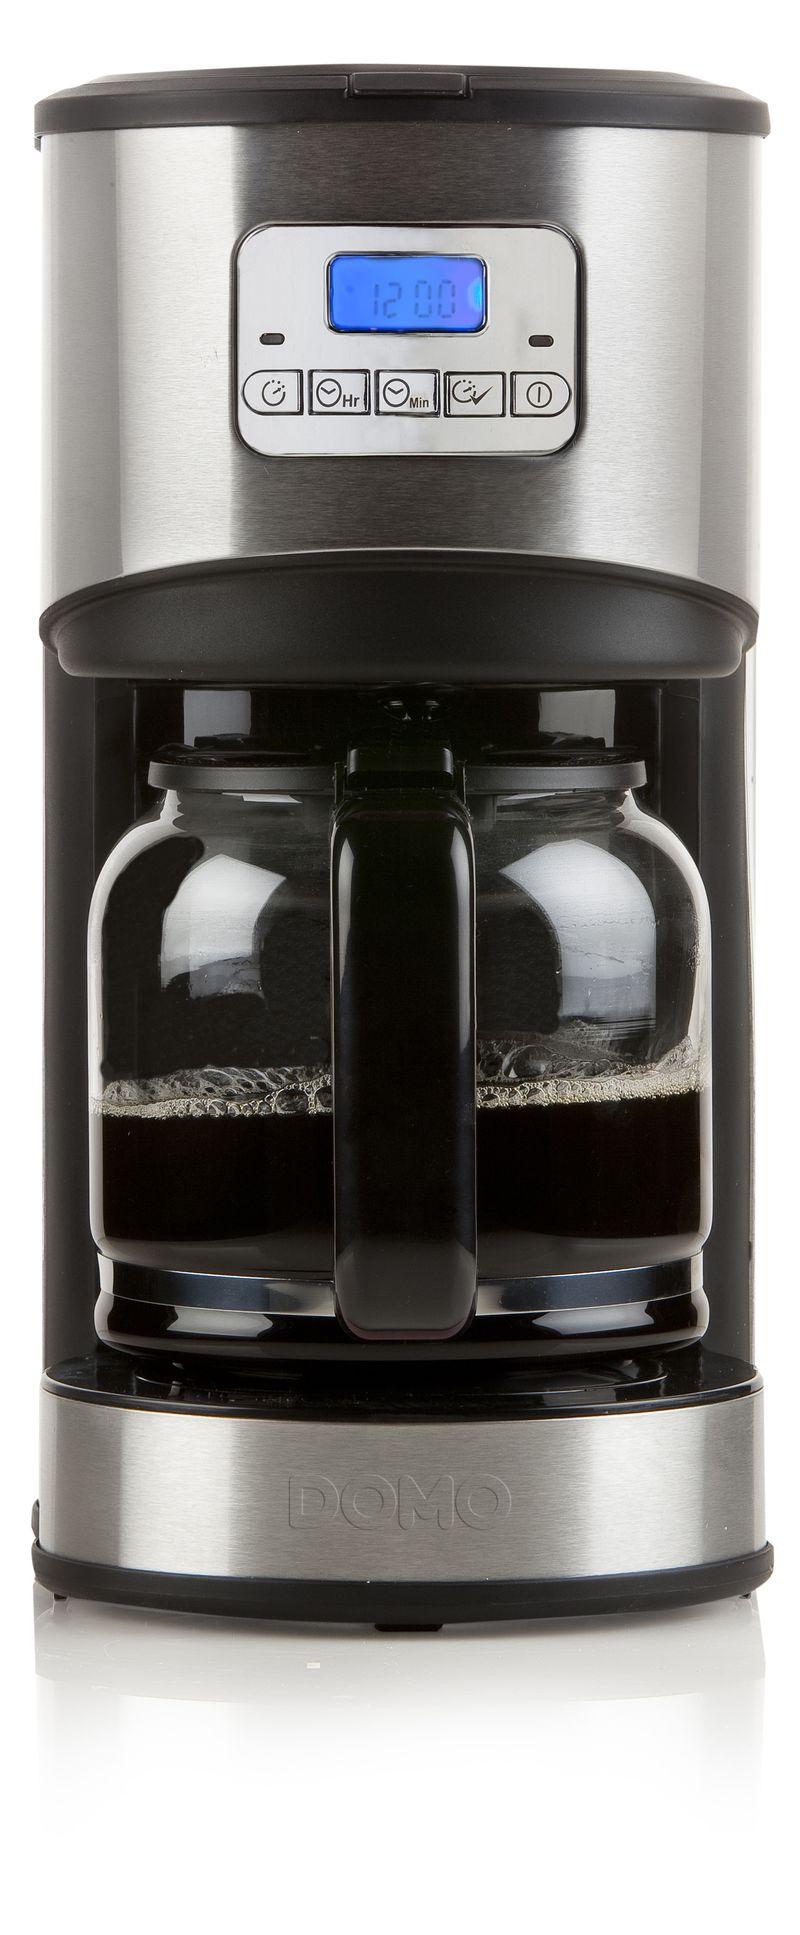 Moderní kávovar - překapávač - DOMO DO479KT, s časovačem, nerez + doprava zdarma